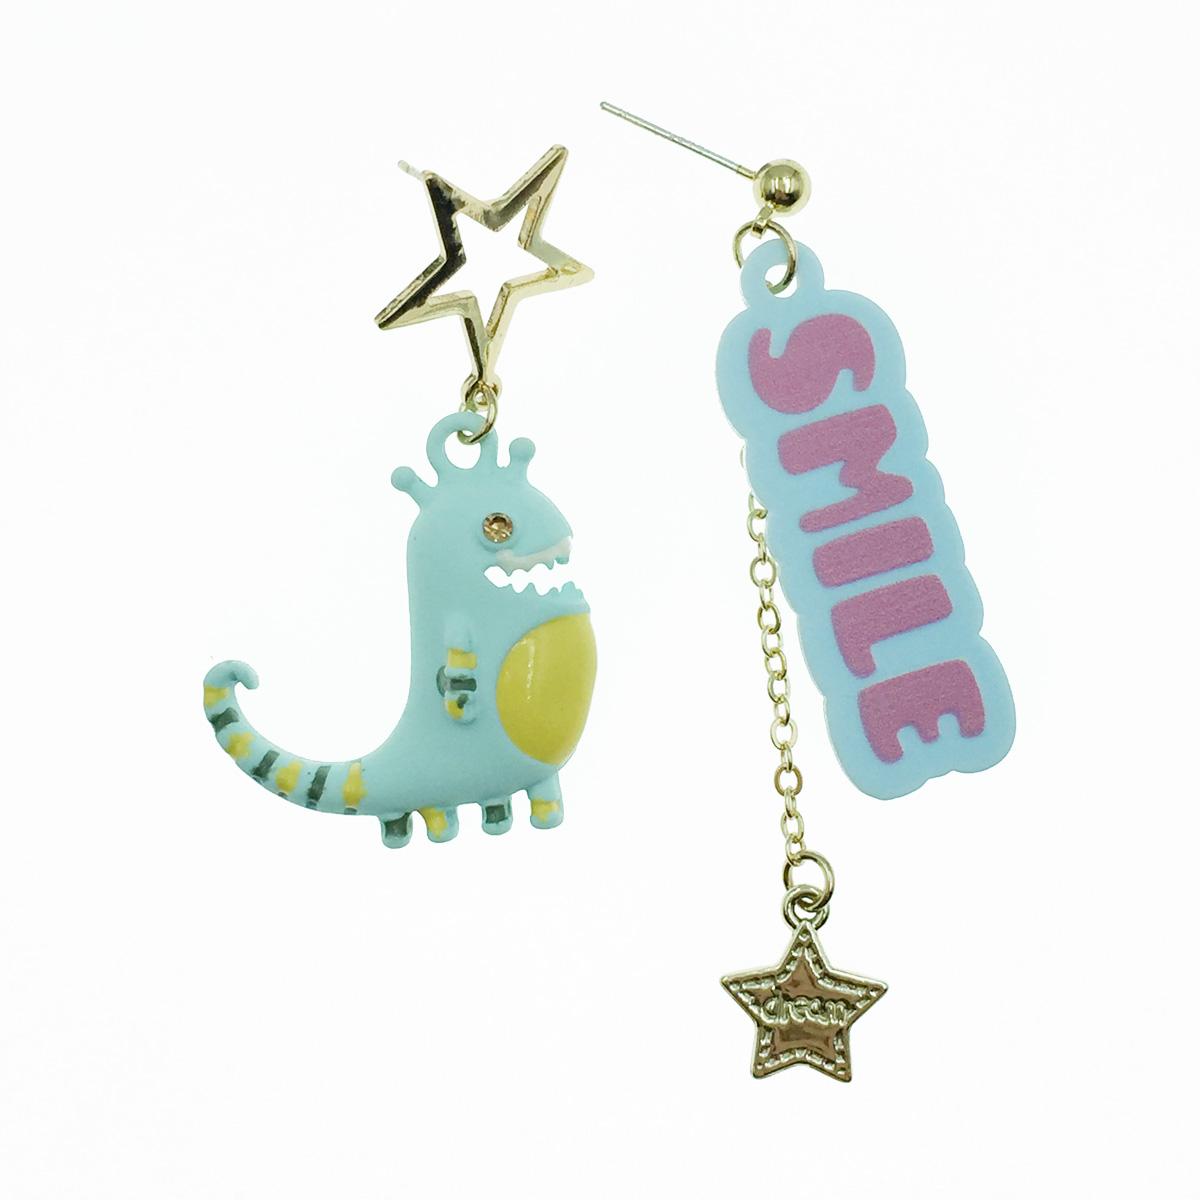 韓國 925純銀 恐龍 SMILE 星星 不對稱 垂墜感 耳針式耳環